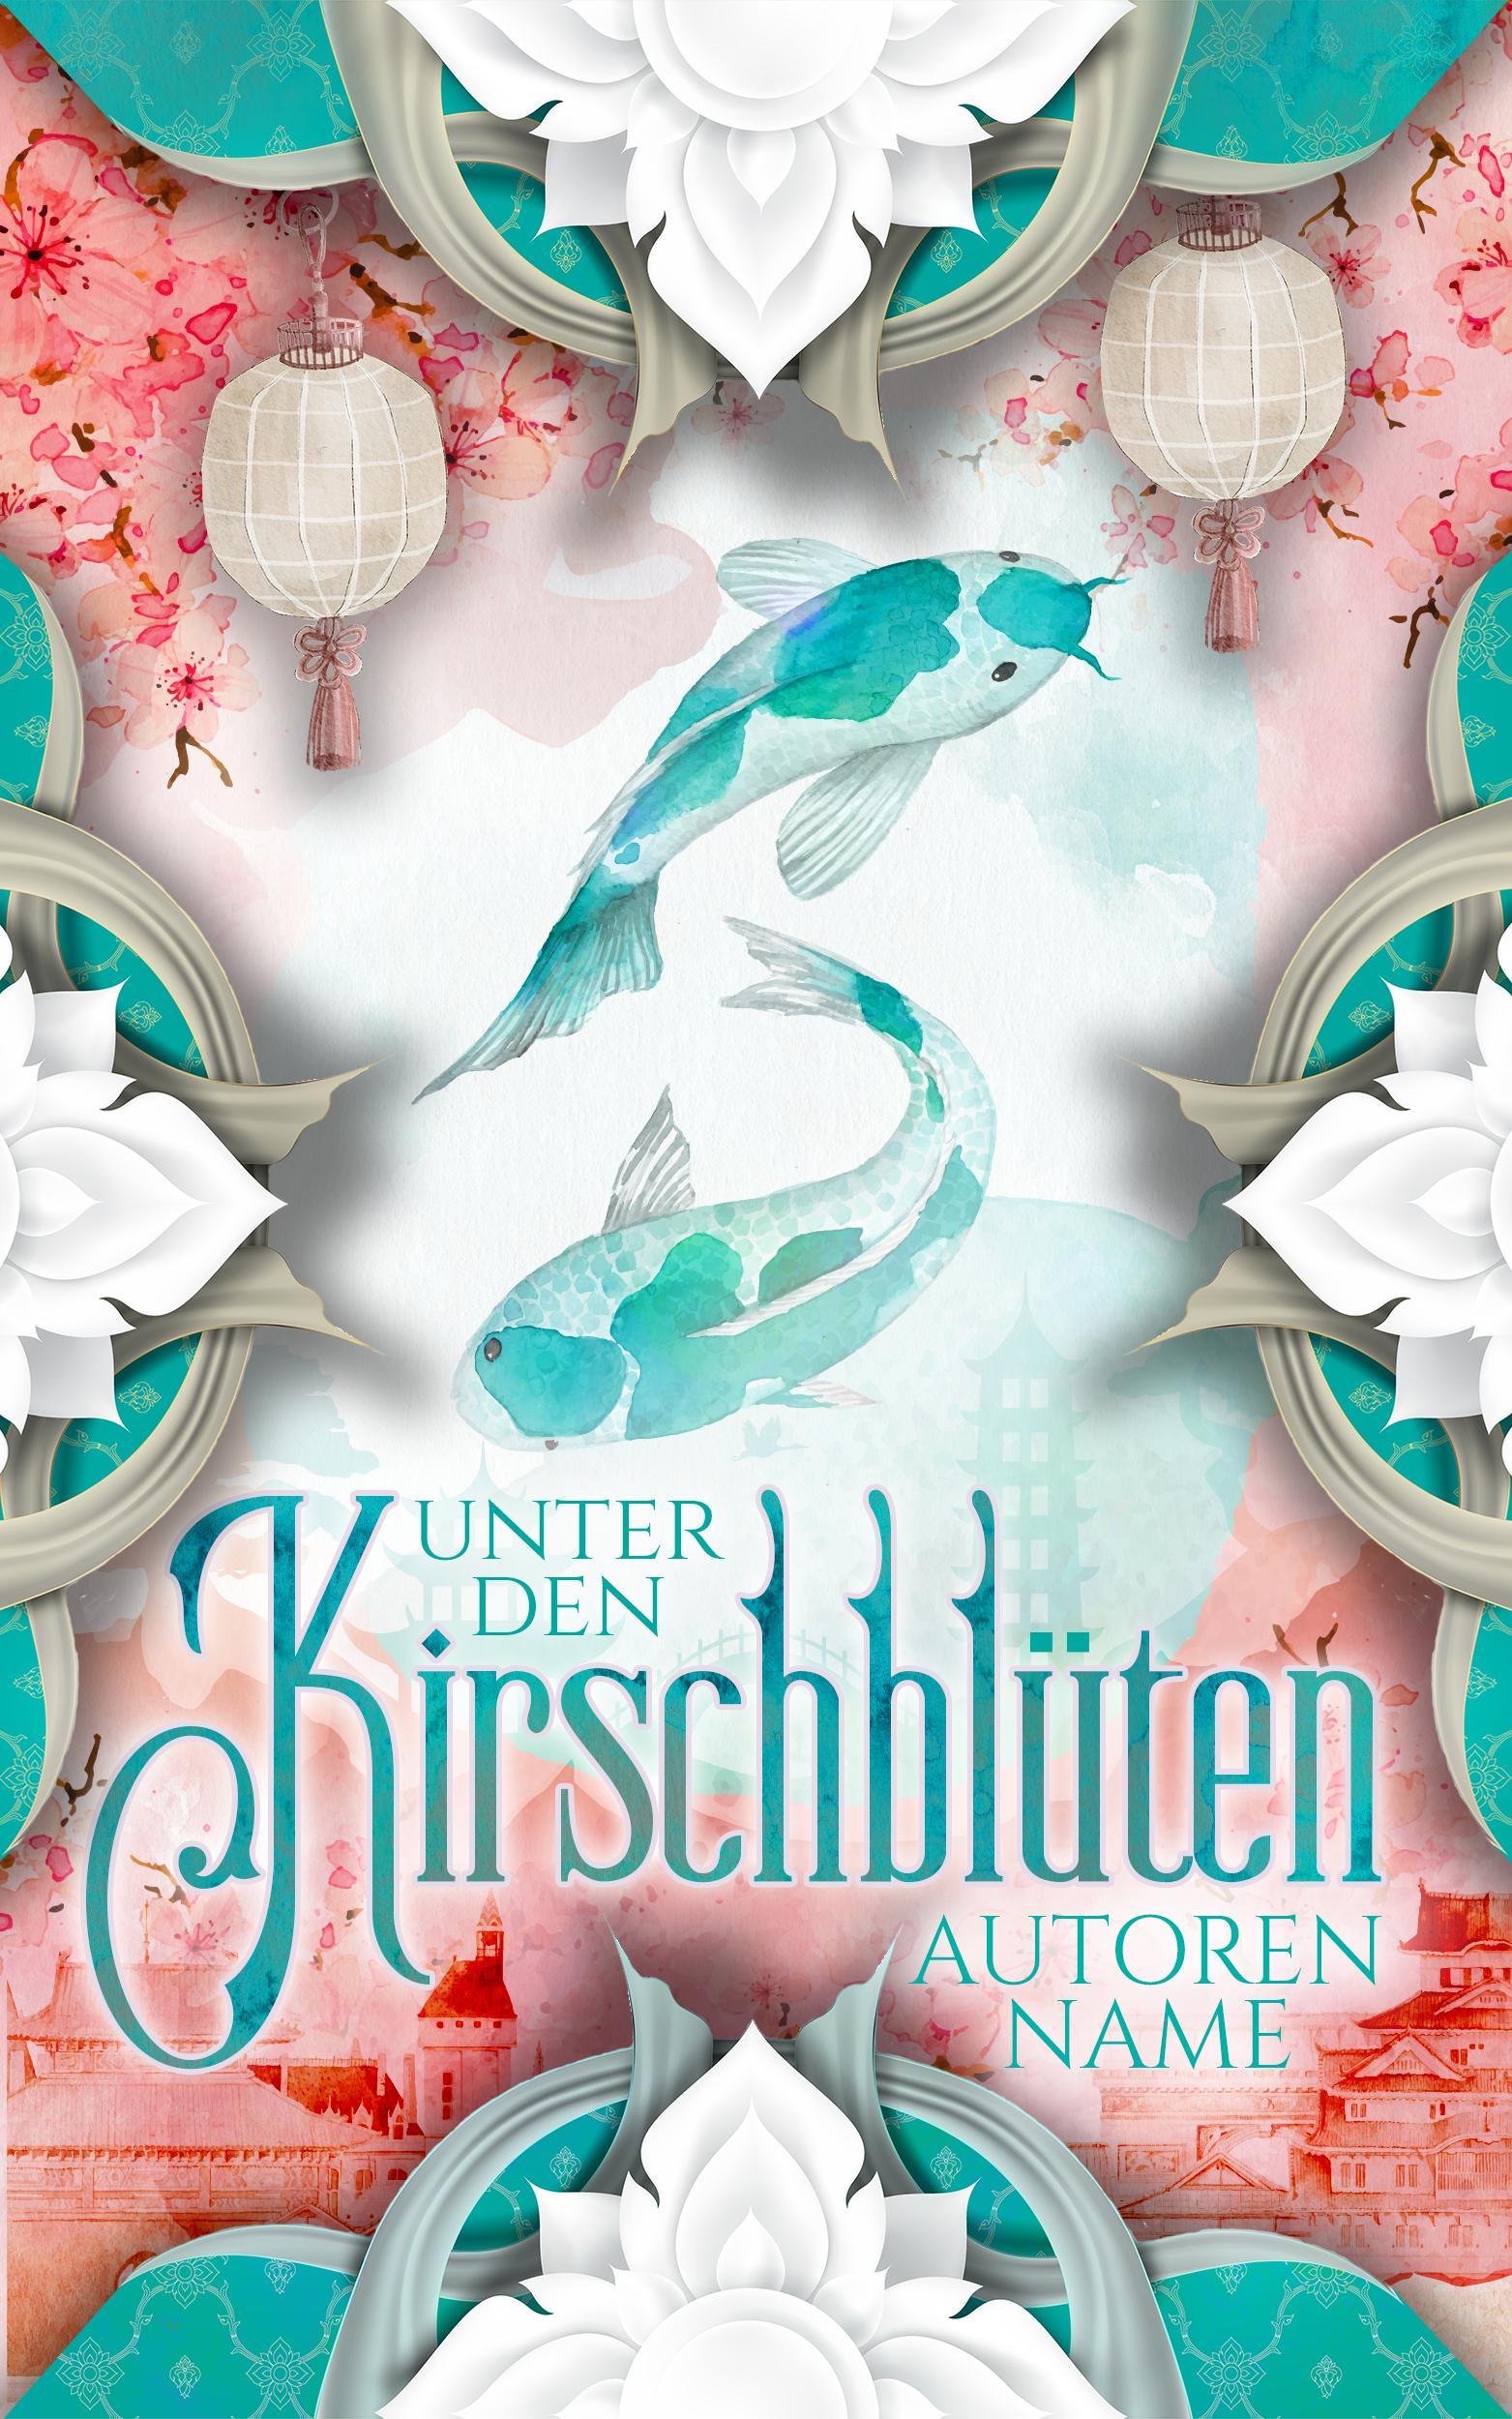 Unter_den_Kirschblüten